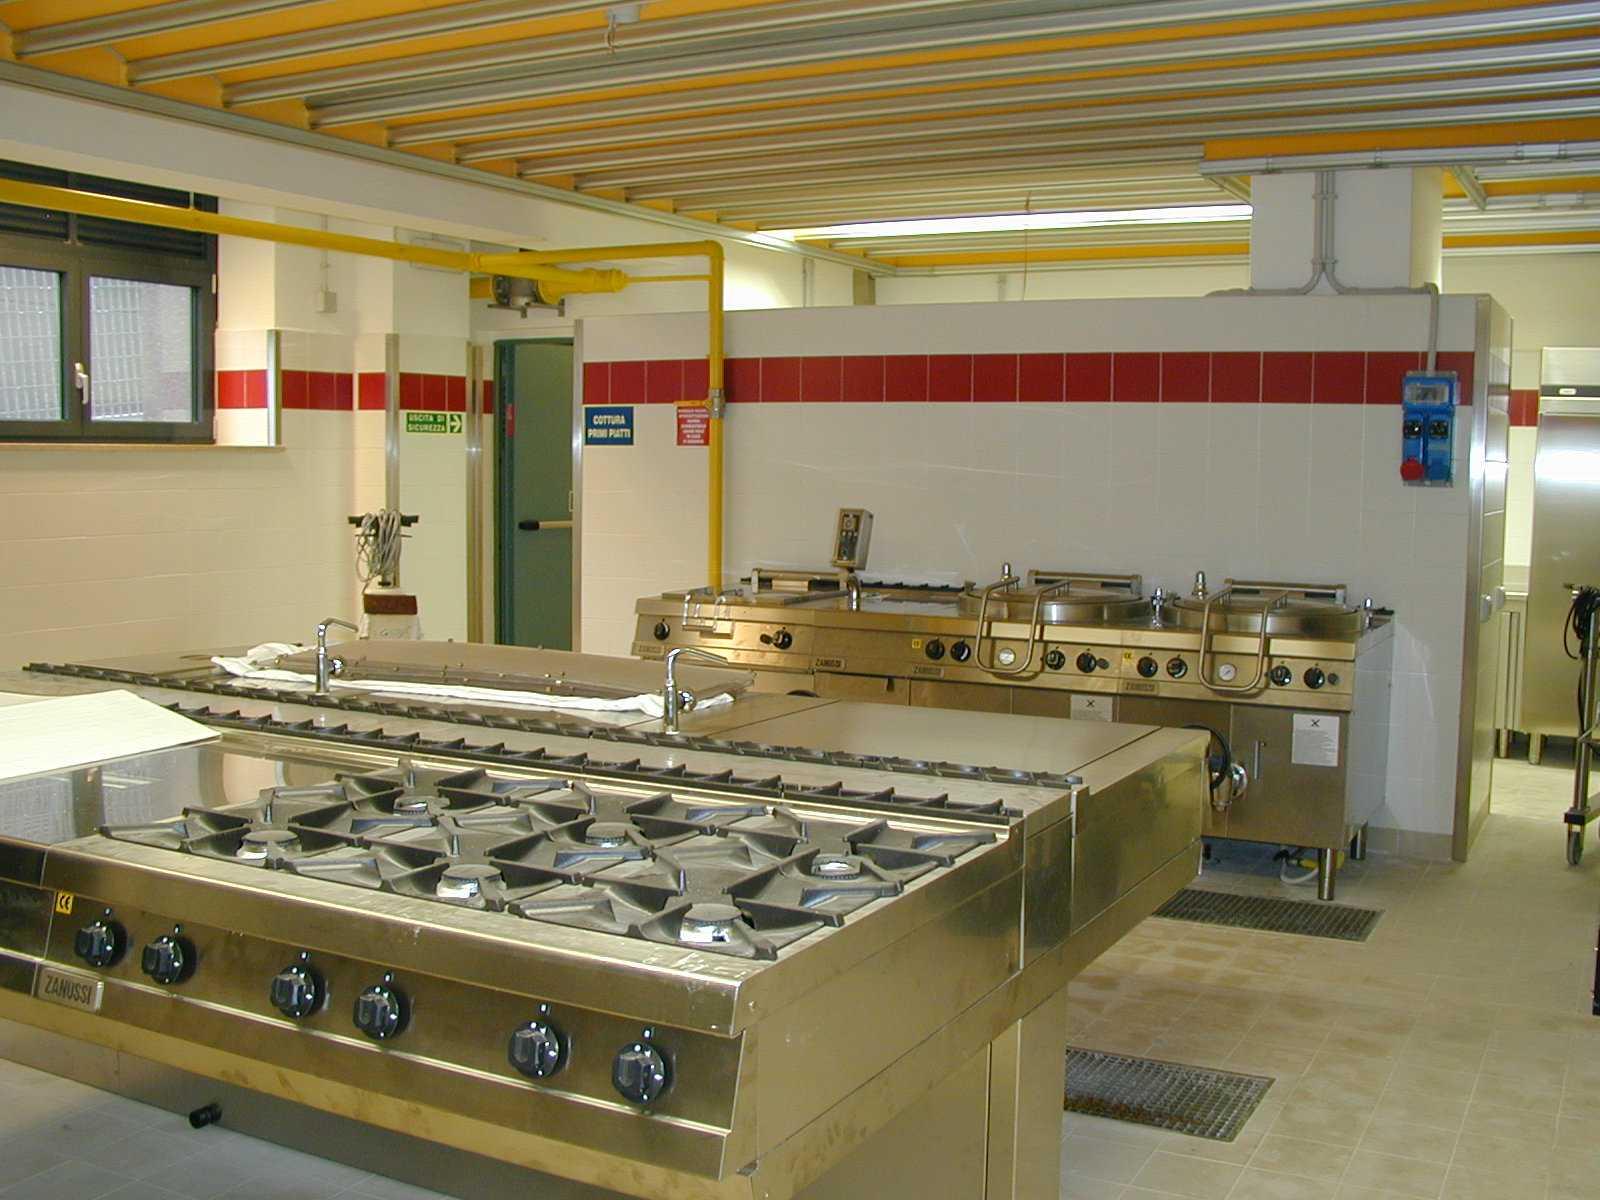 Realizzazione cucine industriali multiservice for Cucine industriali